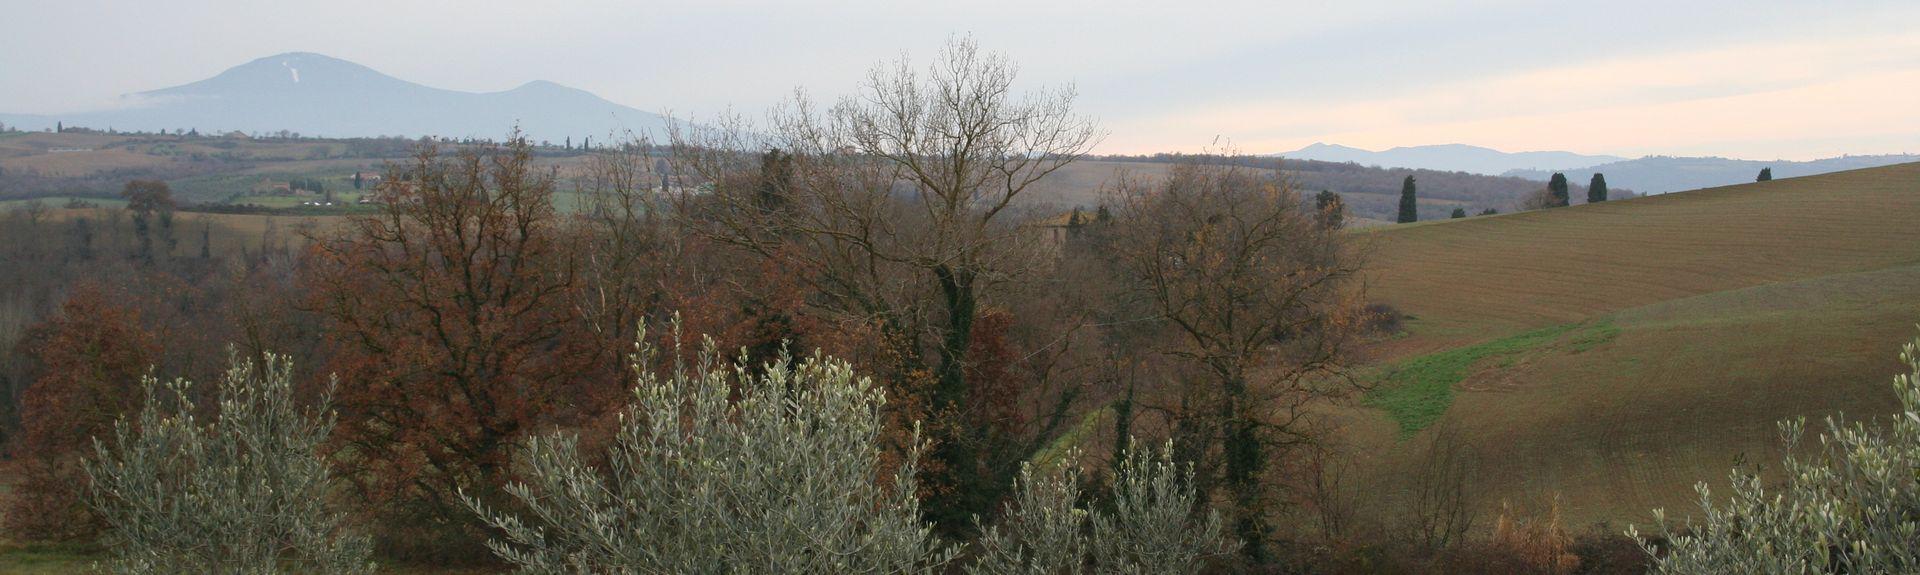 Chianciano Terme, Siena, Tuscany, Italy